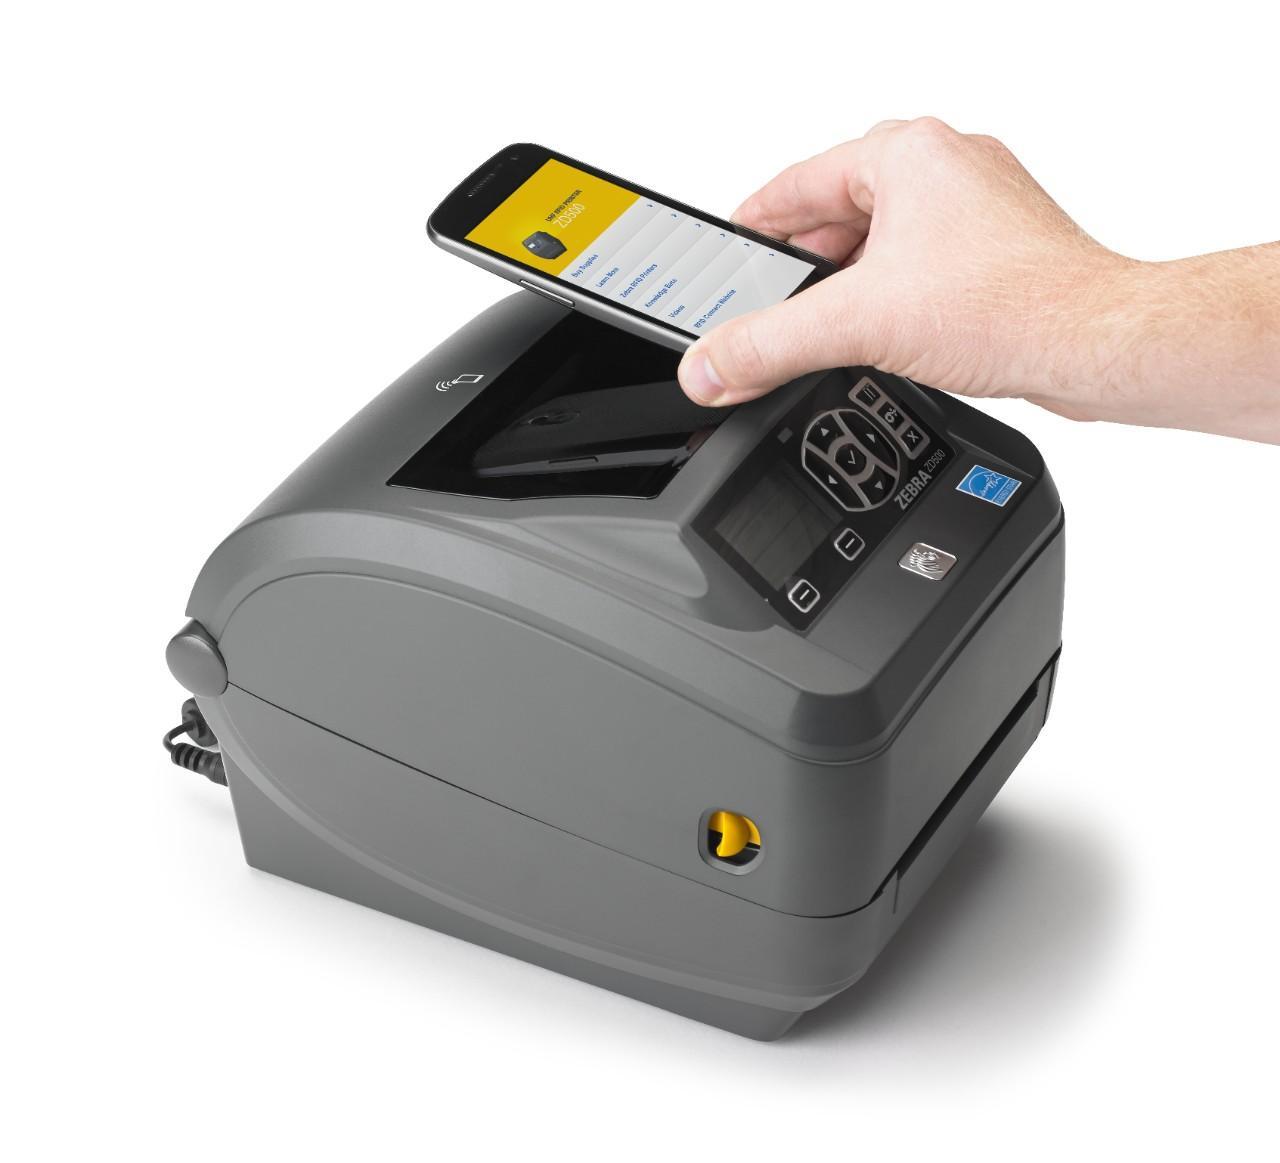 imprimante étiquettes zebra zd-500